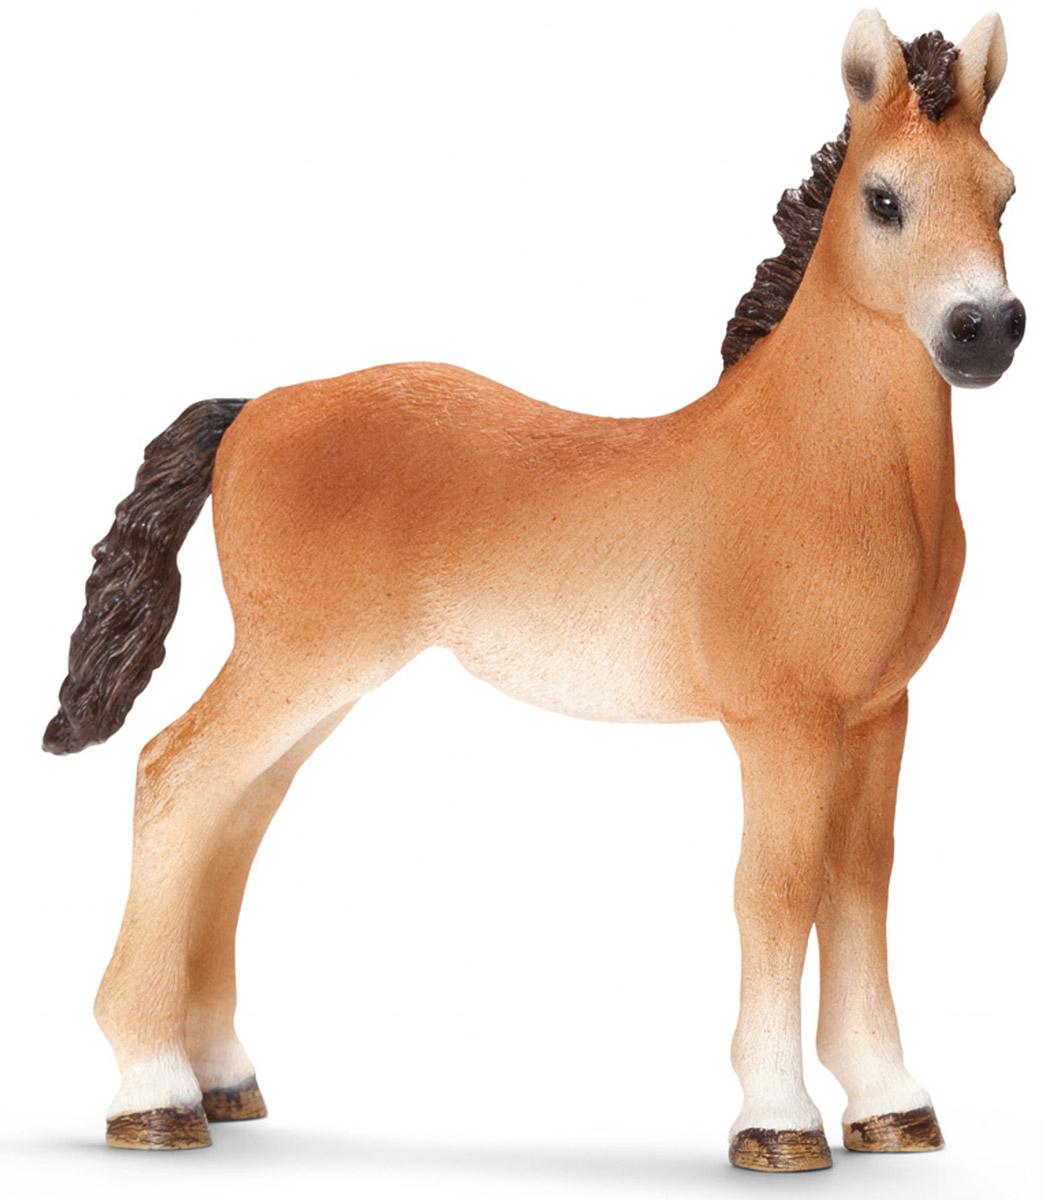 Schleich Фигурка Жеребенок Теннесси уокер13714Лошадь представляет американский штат Теннесси. Эта лошадь известна своим особым типом походки, ускоренной формой прогулки. Эта порода была разработана в США для владельцев плантаций, ее особый способ ходьбы невероятно удобен для каждого погонщика. Великолепно выполненная и раскрашенная вручную фигурка жеребенка, созданная при тесном сотрудничестве с Берлинским зоопарком, никого не оставят равнодушными. В разработке каждой фигурки компания Schleich опирается на исследования в области педагогики, создавая маленькие произведения для маленьких ручек.